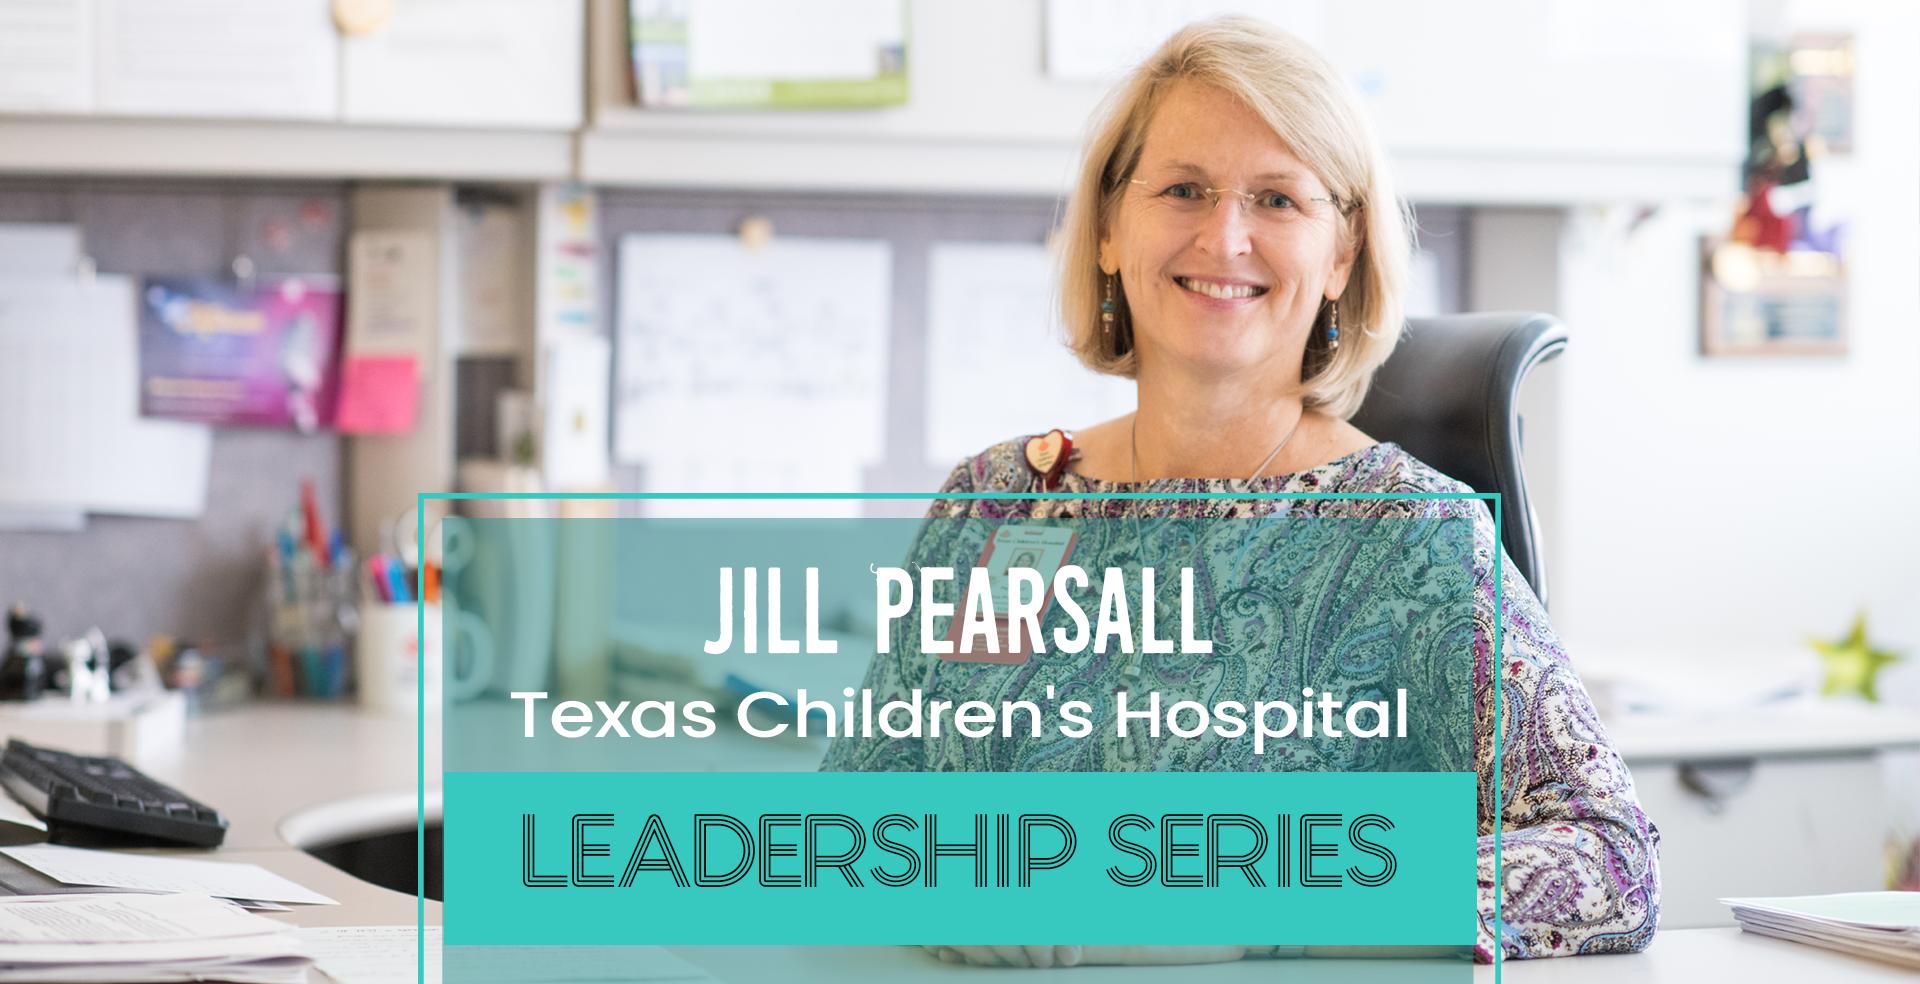 https://cdn2.hubspot.net/hubfs/1564584/Jill-Pearsall-HealthSpaces-hero-2.png